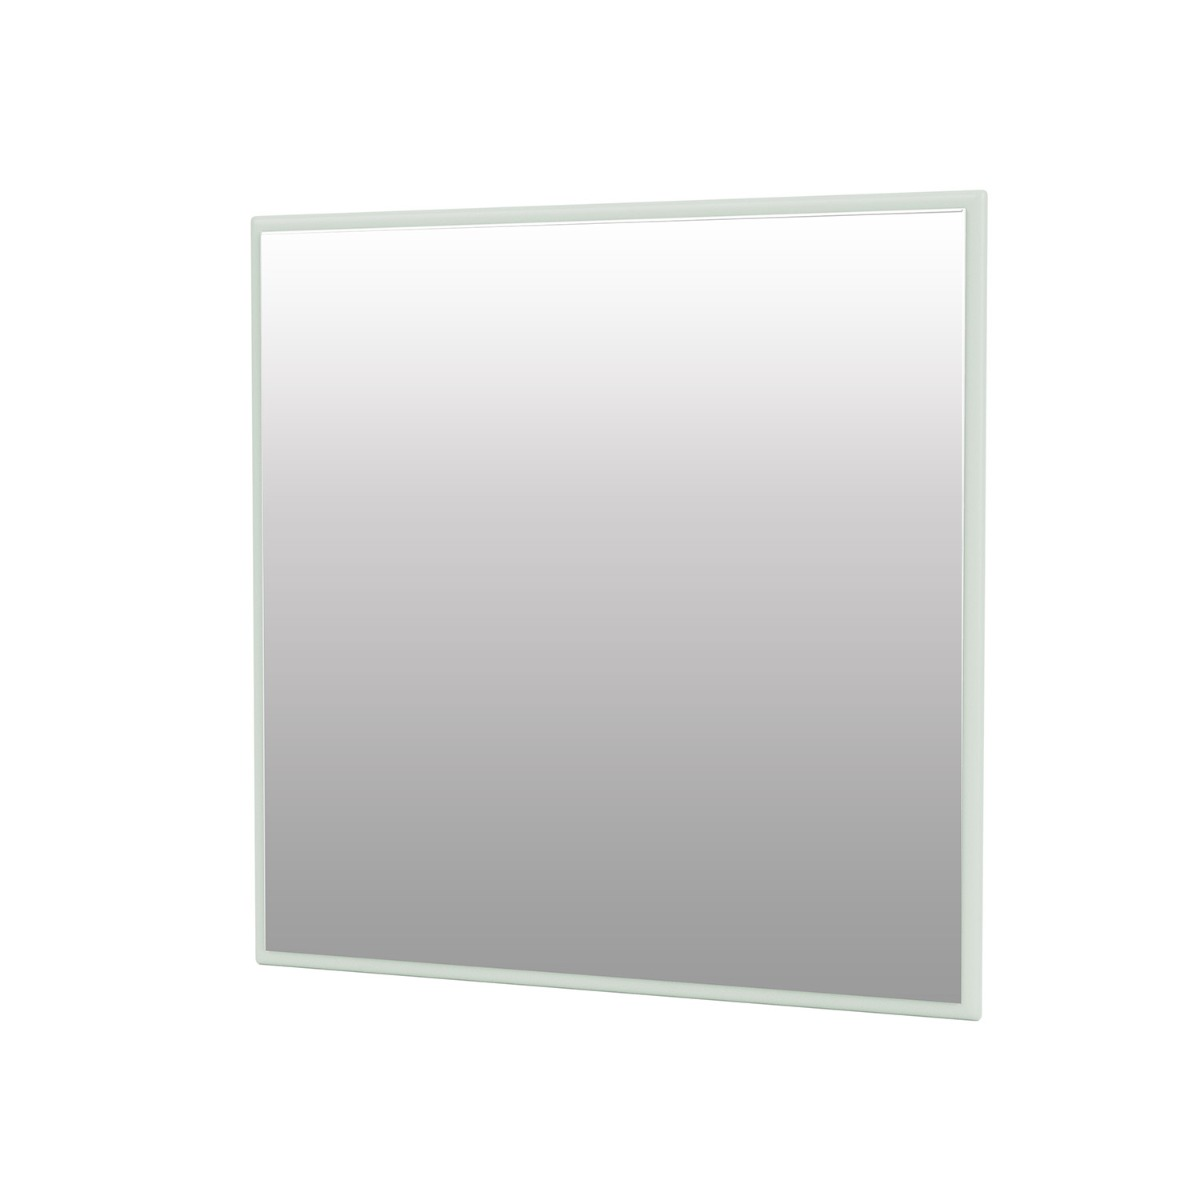 Montana Mini Spegel Fyrkantig 35x35 cm Mist